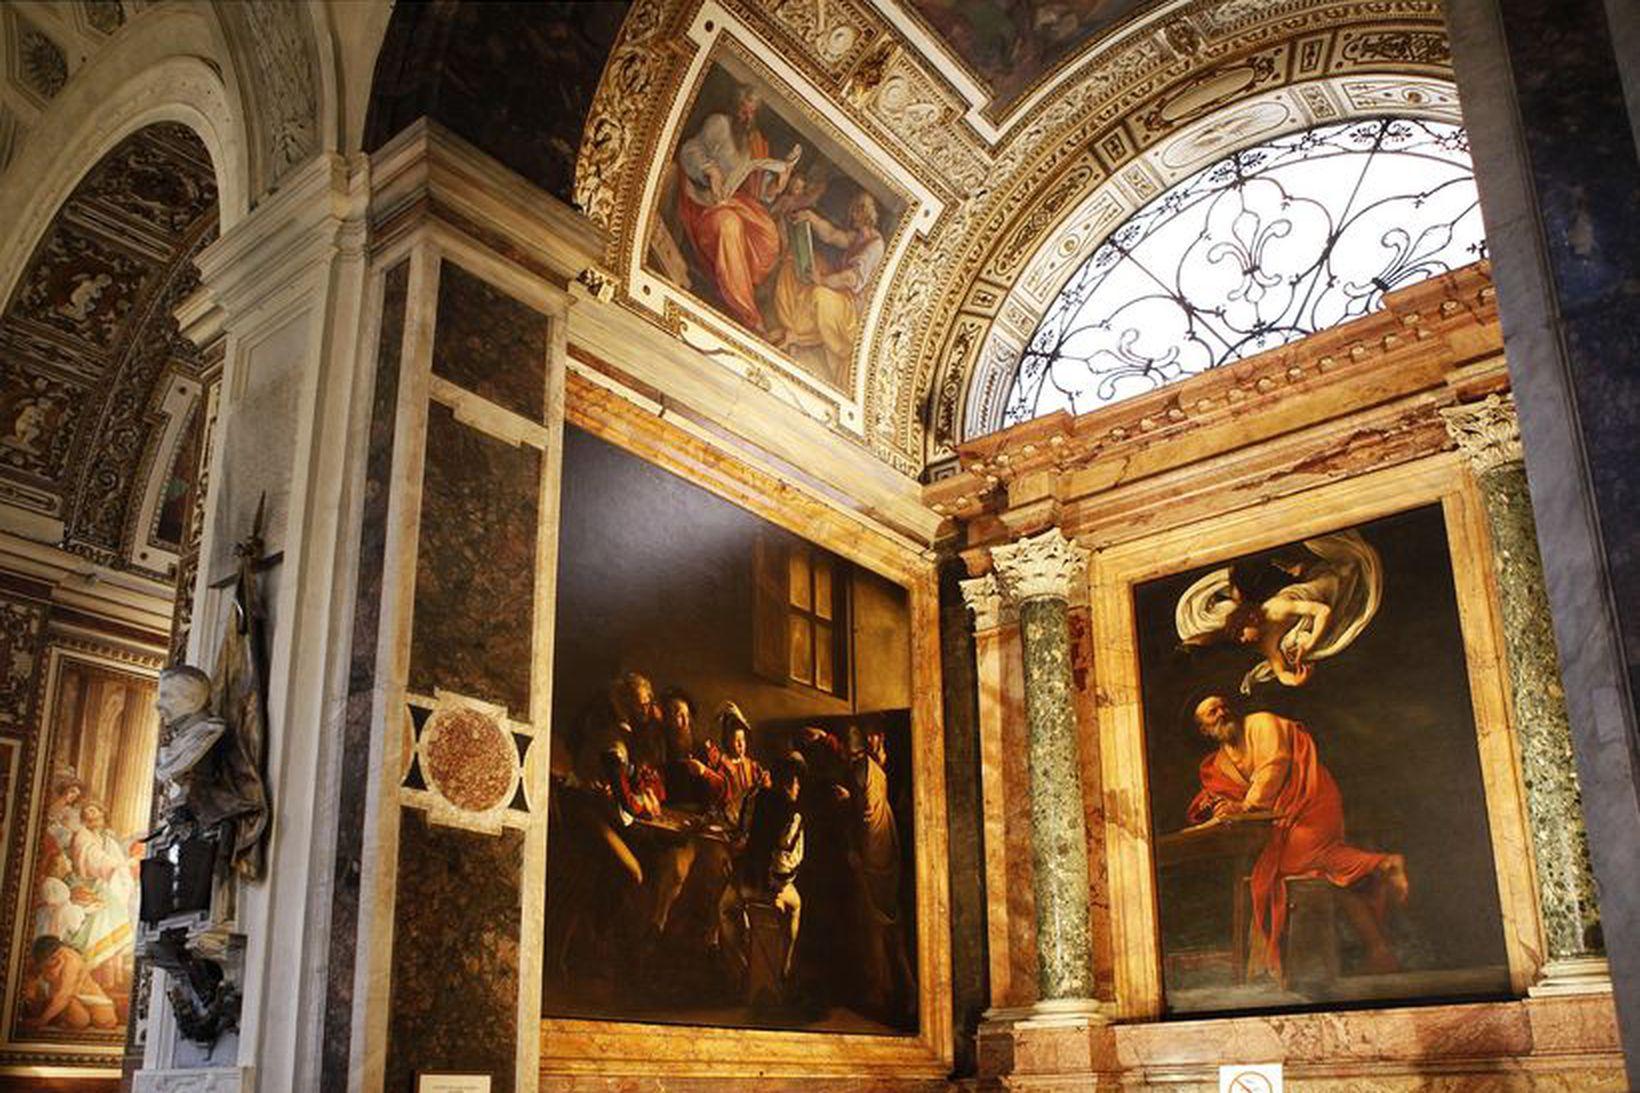 Þrjú stór málverk ertir Caravaggio eru í hinni litlu Contarelli-kapellu …